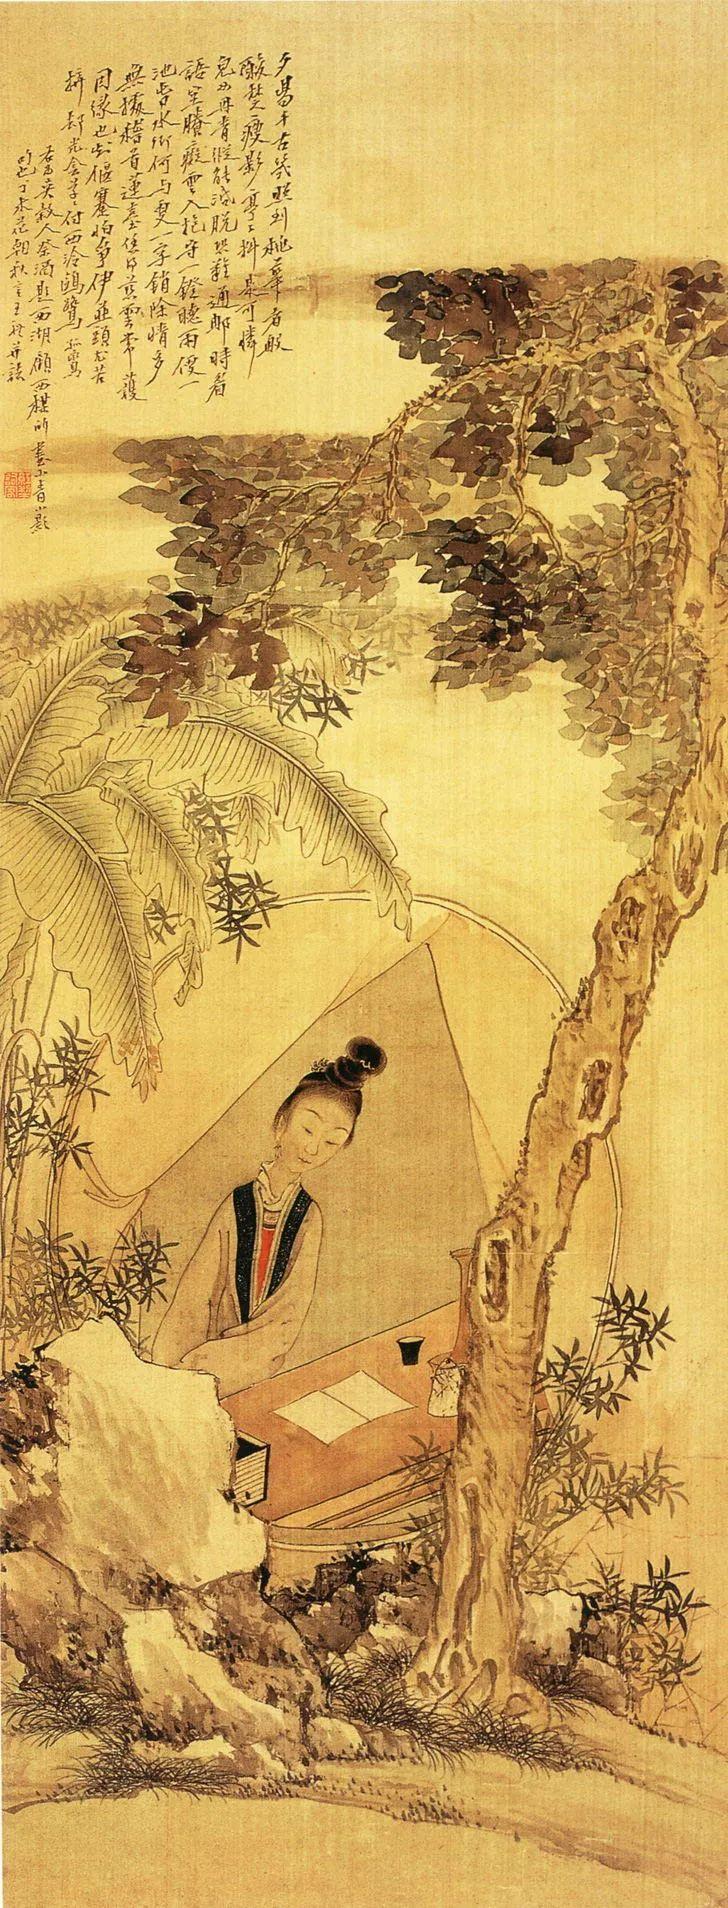 清 顾洛 小青小影图 无锡市博物馆藏